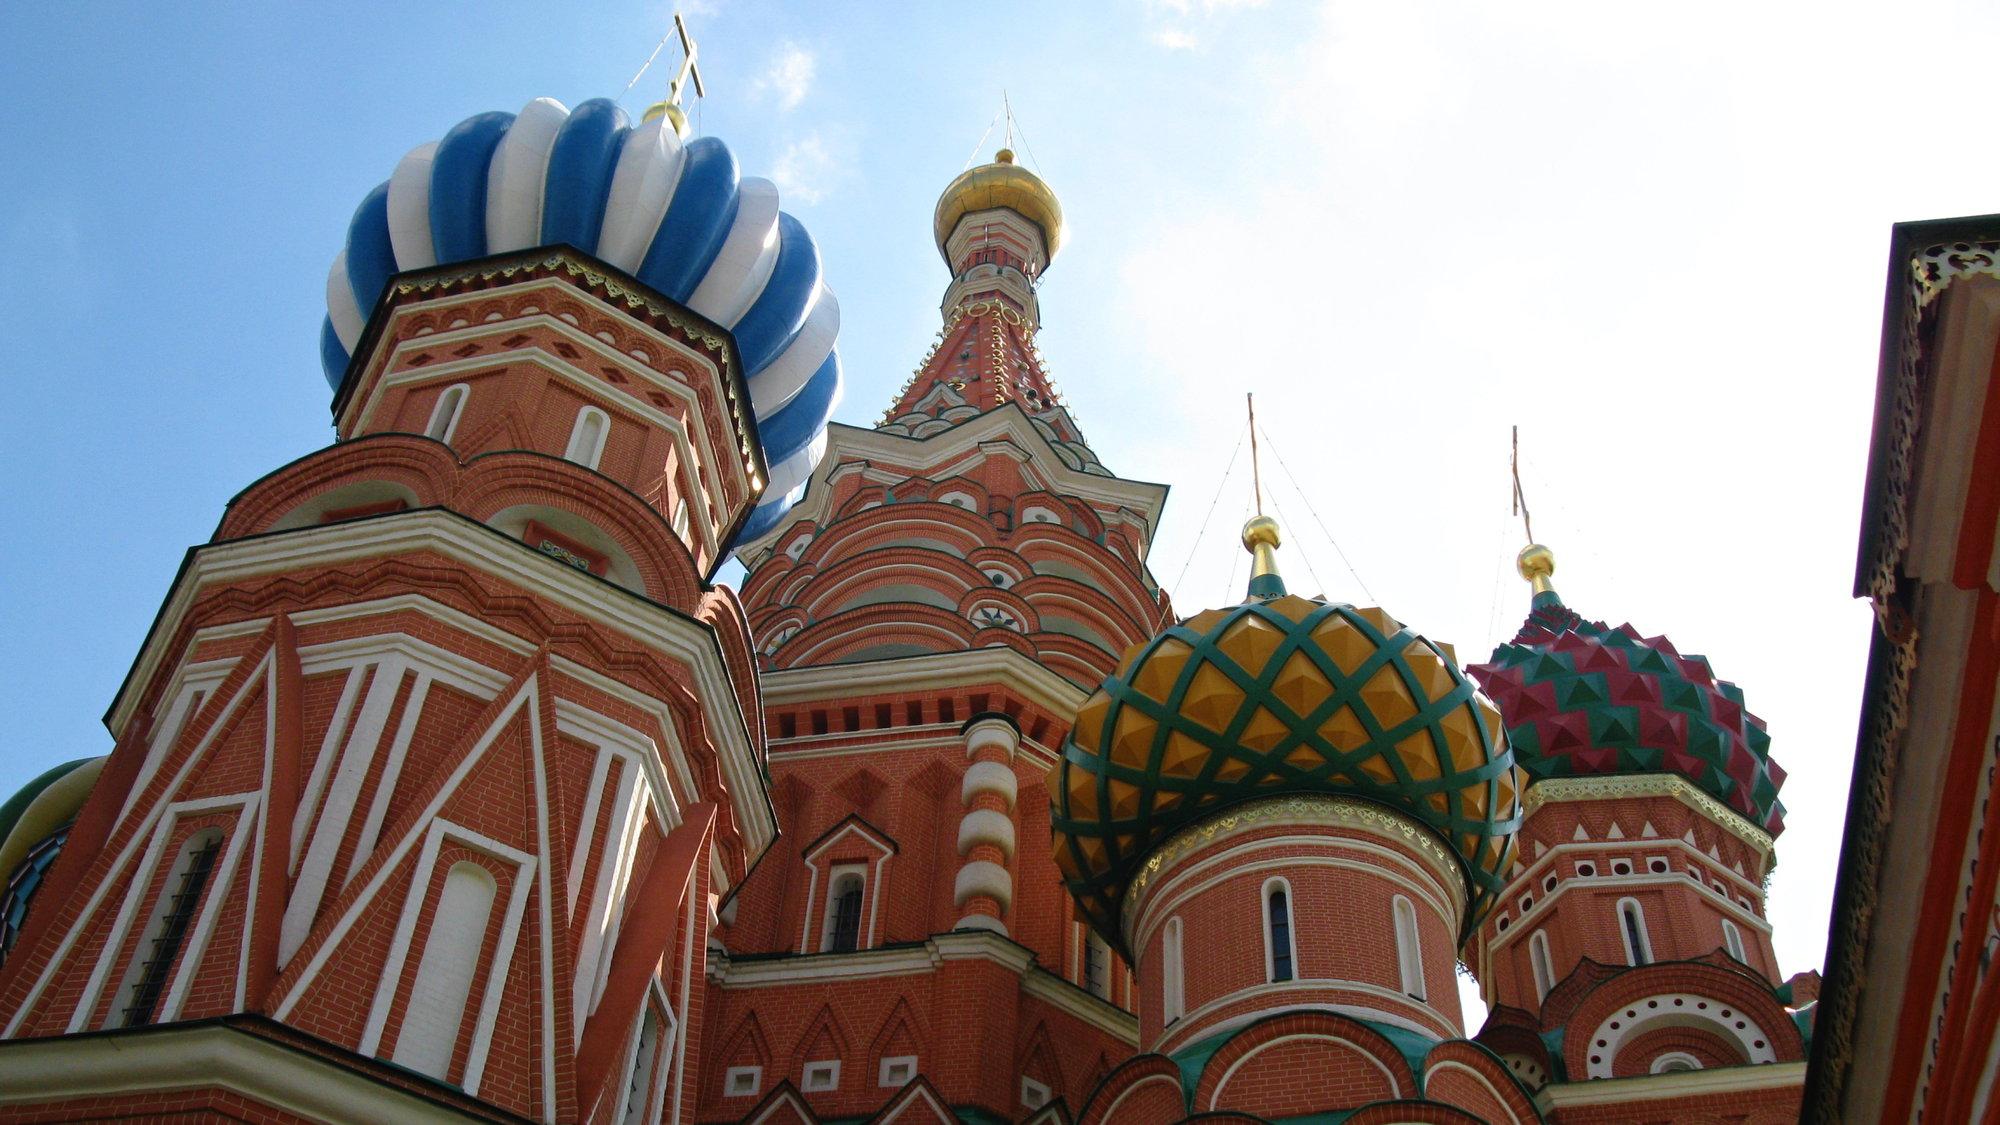 все башни храма абсолютно разные